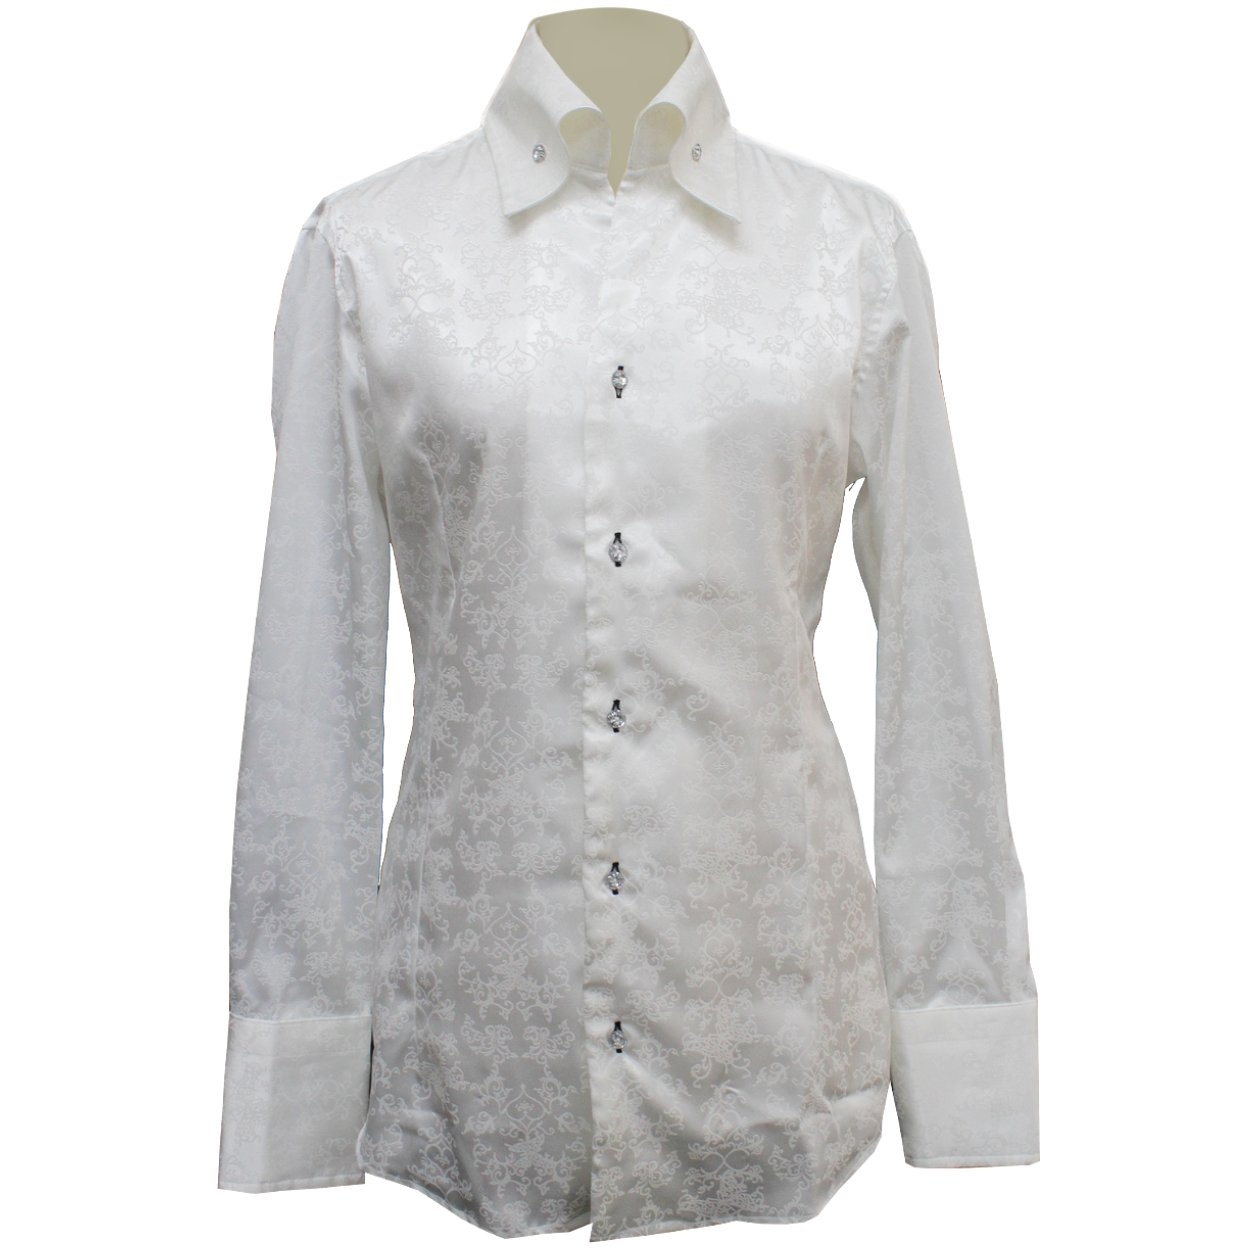 【Deorart ディオラート】バタフライ ゴシックジャガードシャツ BY7039 B077Q7FM5S S|ホワイト ホワイト S